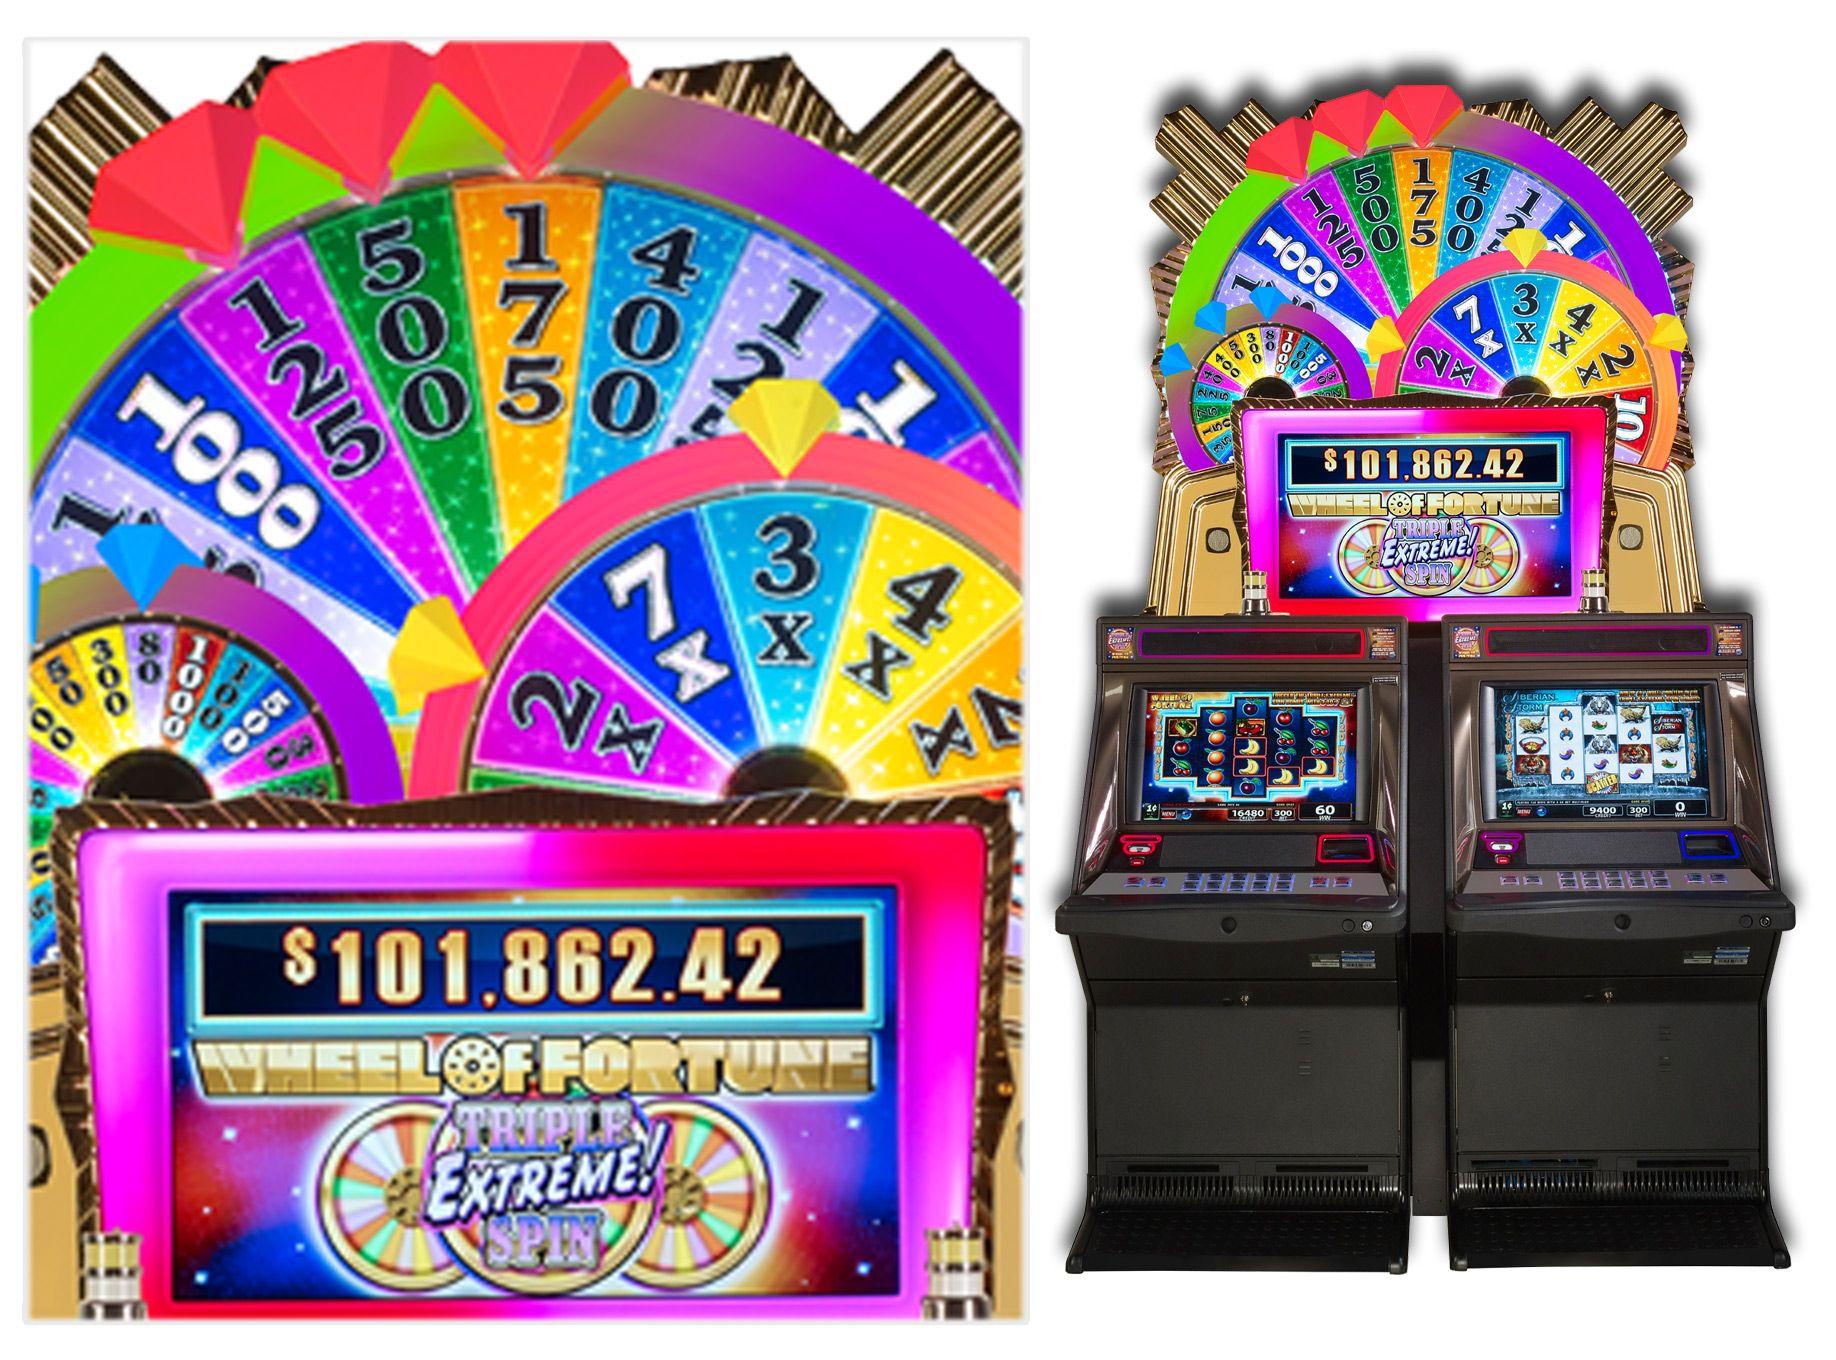 Buffalo extreme slot machine